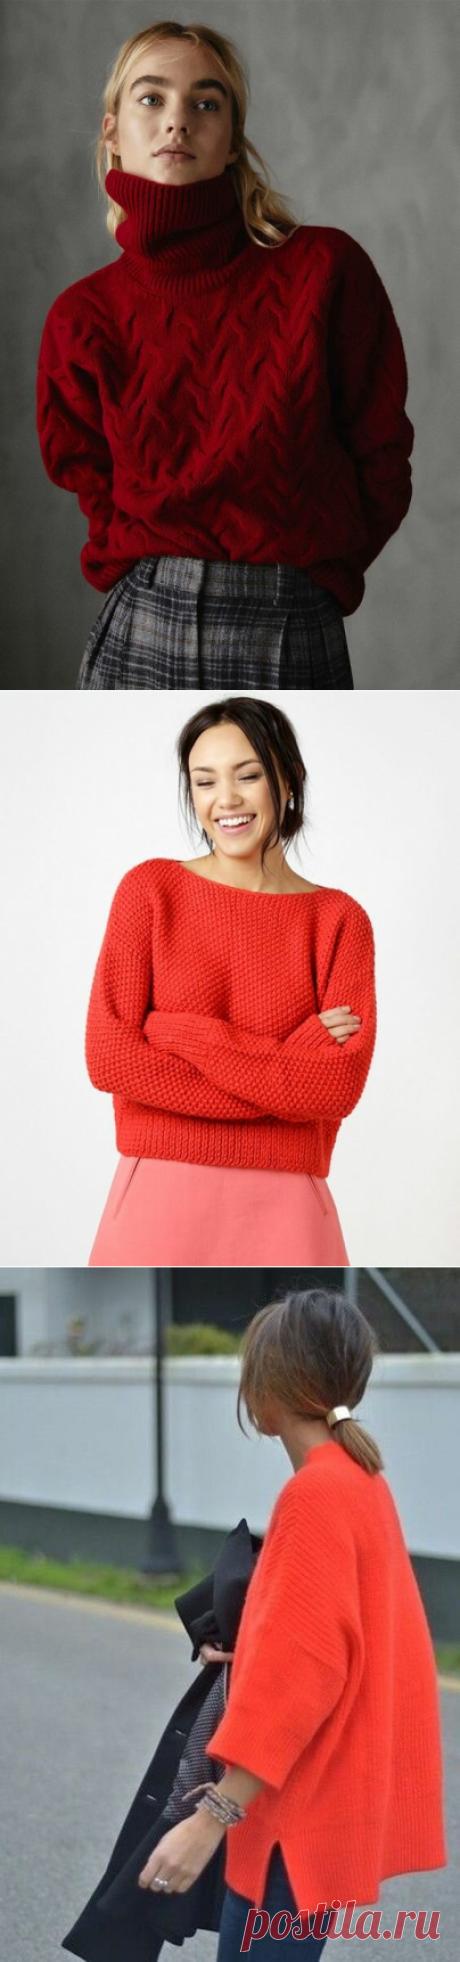 Почему не стоит бояться красного цвета в вязании. Прекрасные яркие модели.   Вяжу для души   Яндекс Дзен